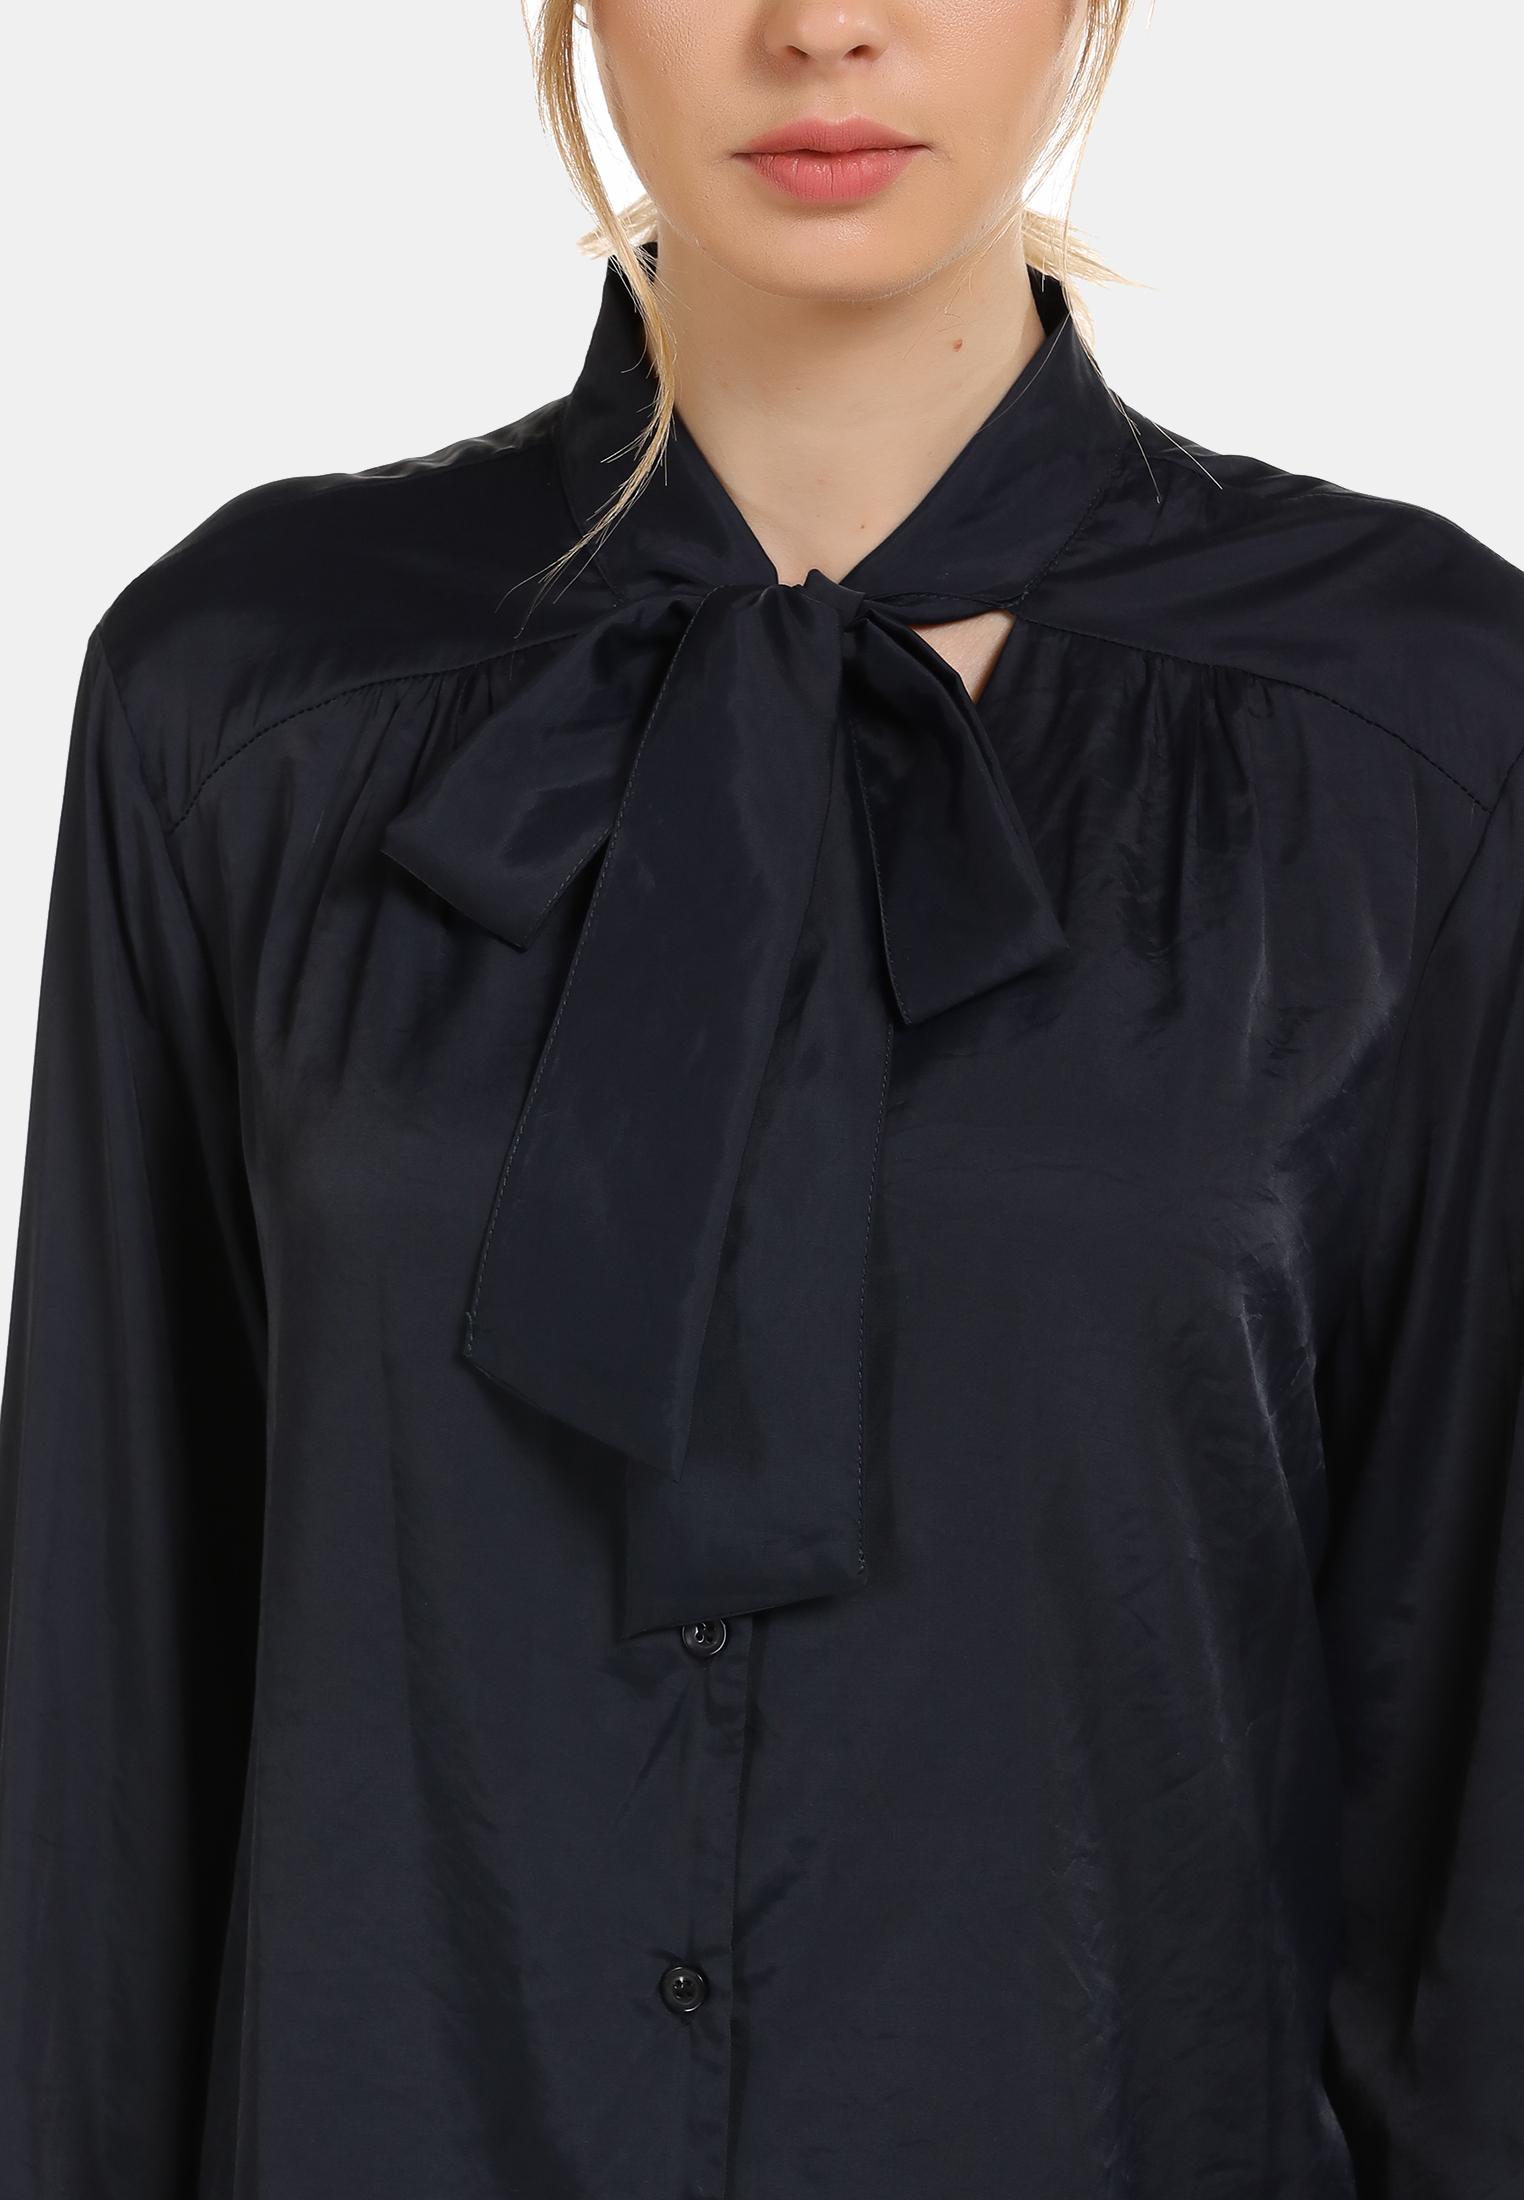 Usha WHITE LABEL Bluse in schwarz günstig kaufen